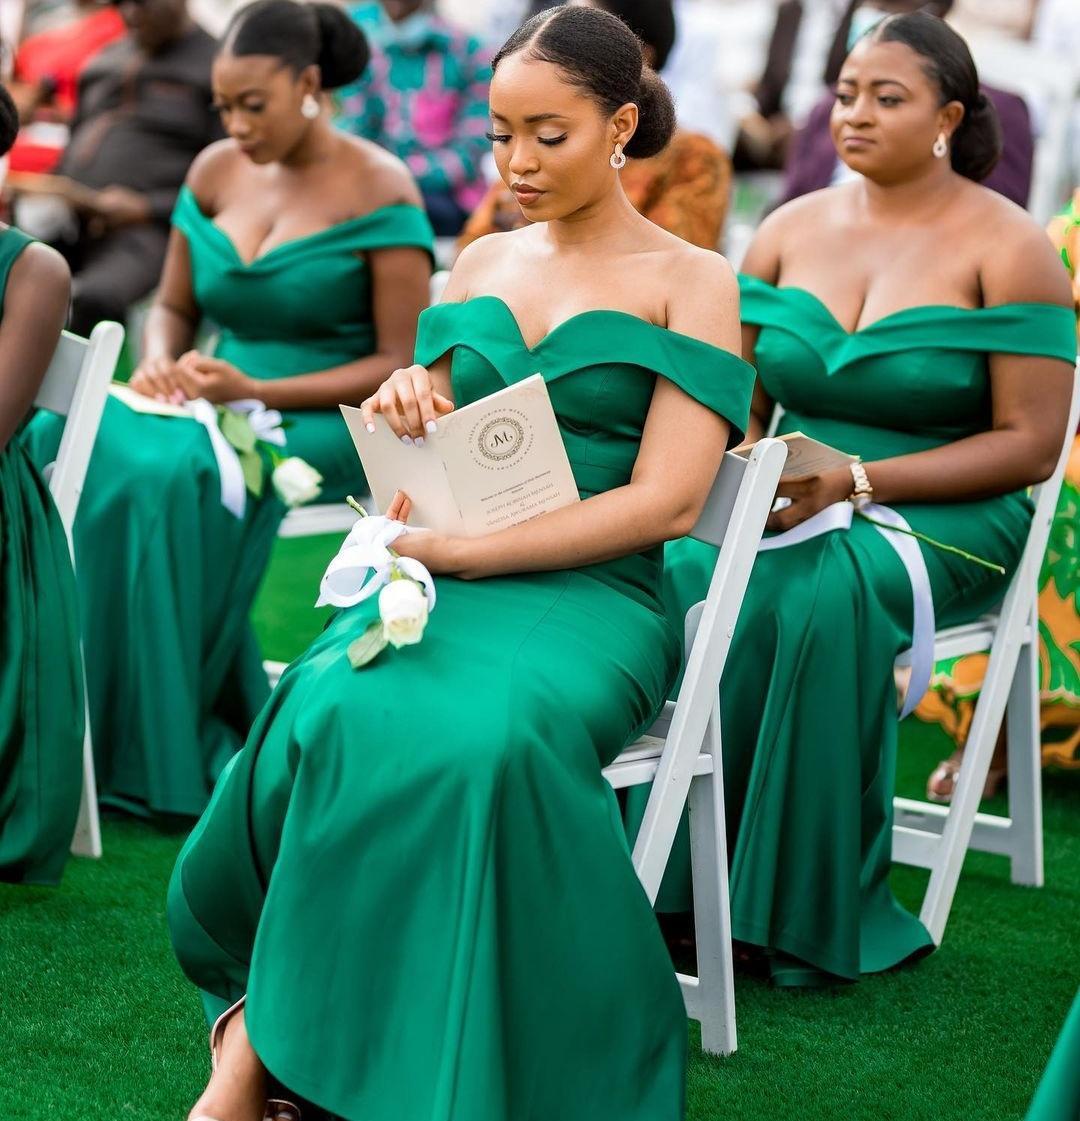 Mode Hunter Mermaid Land Brautjungfer Kleider aus der Schulter Hals Trompete Hochzeit Gast Kleid Sweep Zug Satin Haustiergüter Kleider Kleider